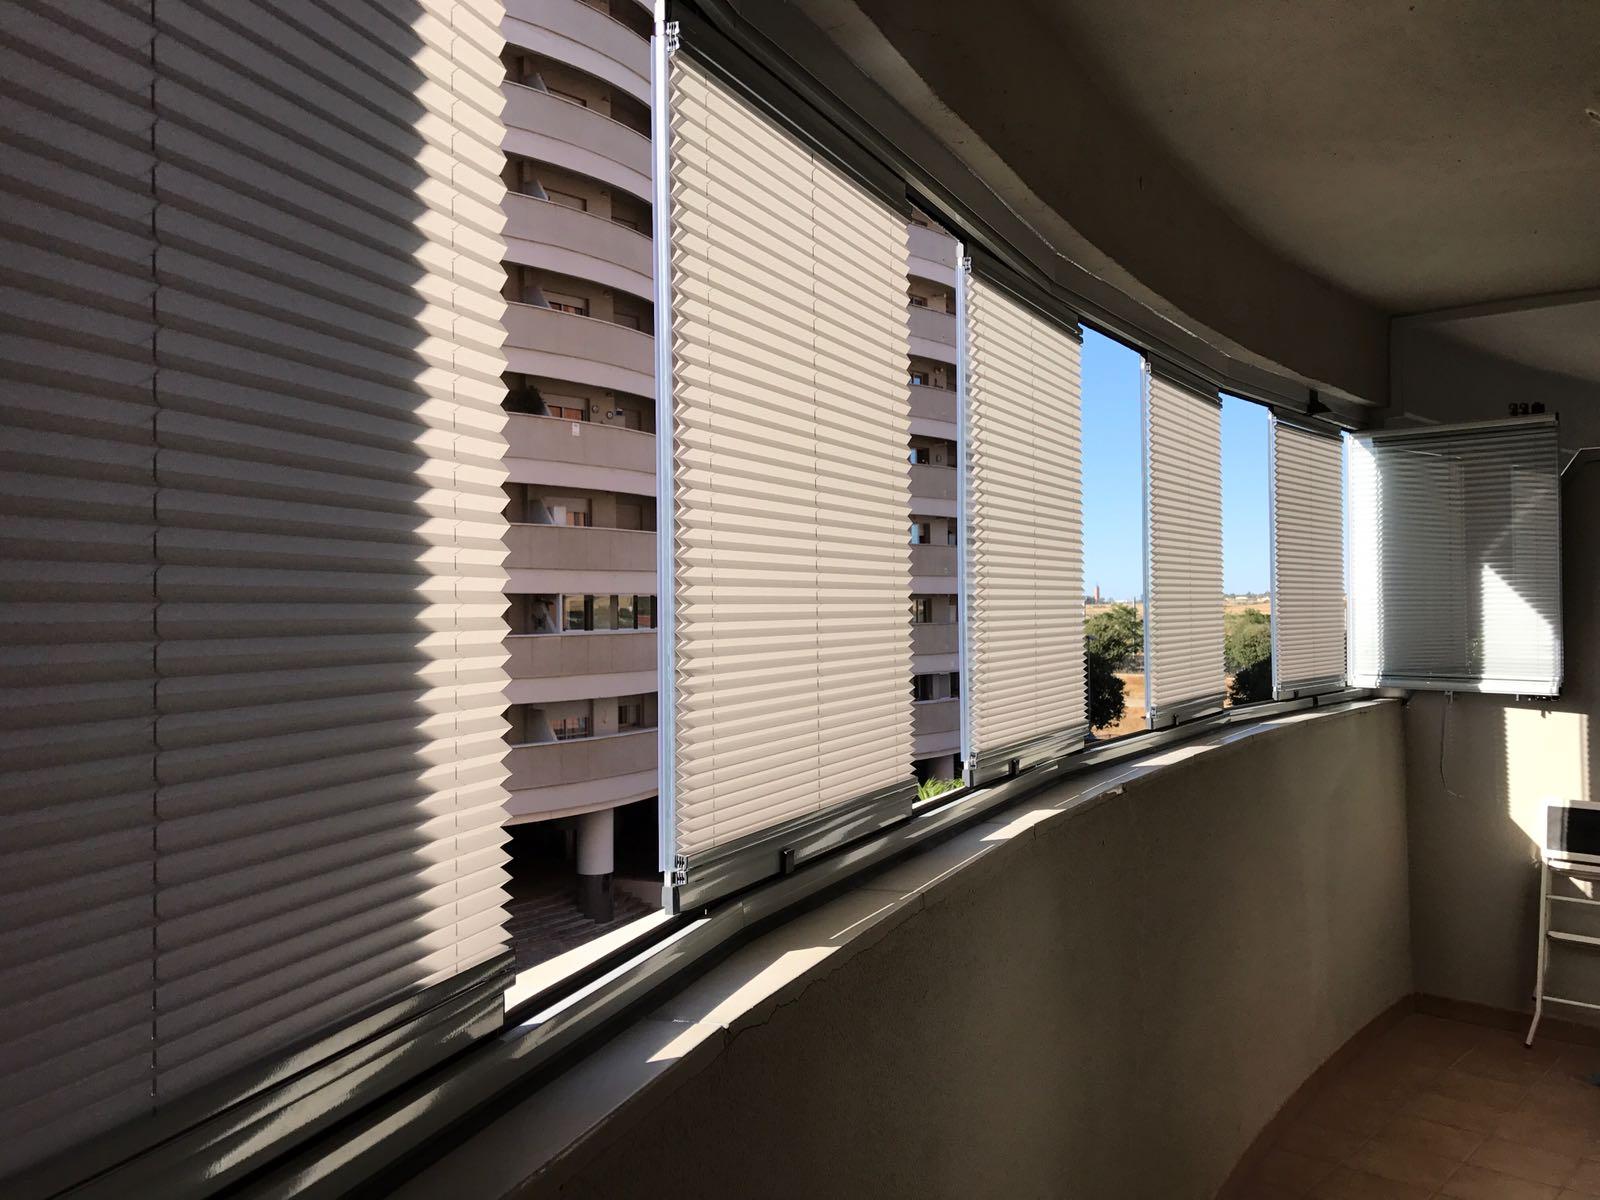 Lumon acristalamientos y cerramientos para terrazas y - Porches de aluminio y cristal ...